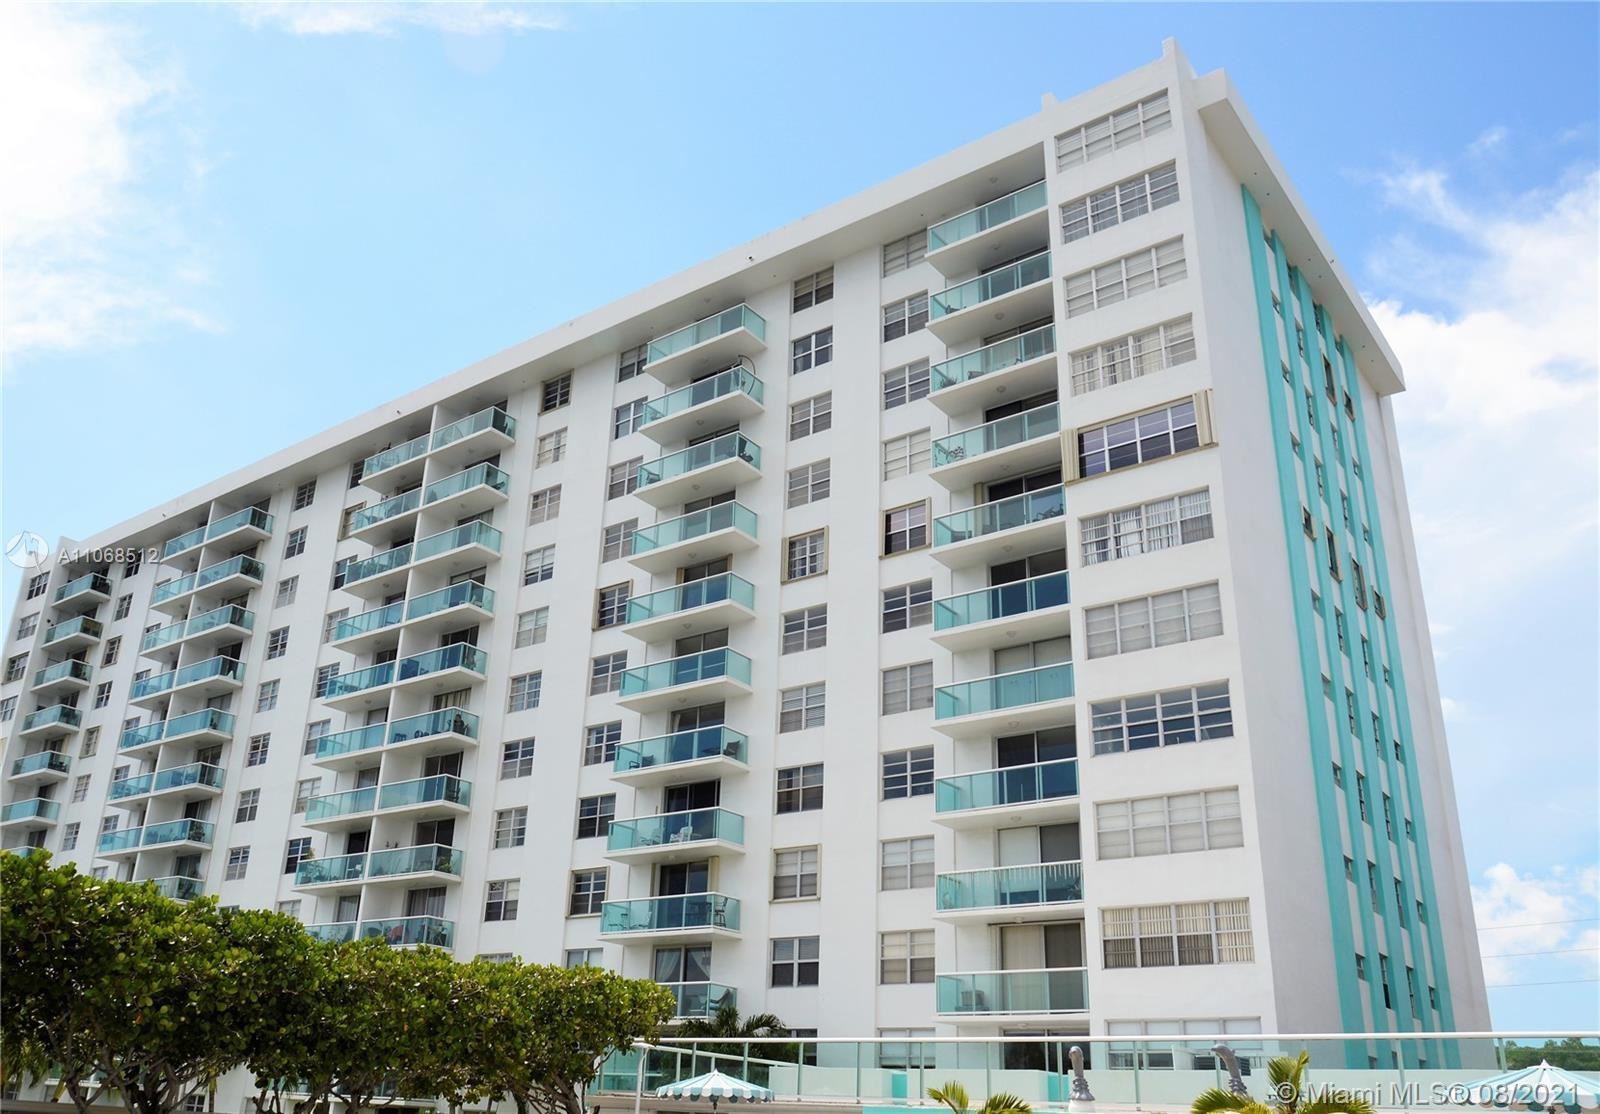 2841 NE 163rd Street #1212, North Miami Beach, FL 33160 - #: A11068512